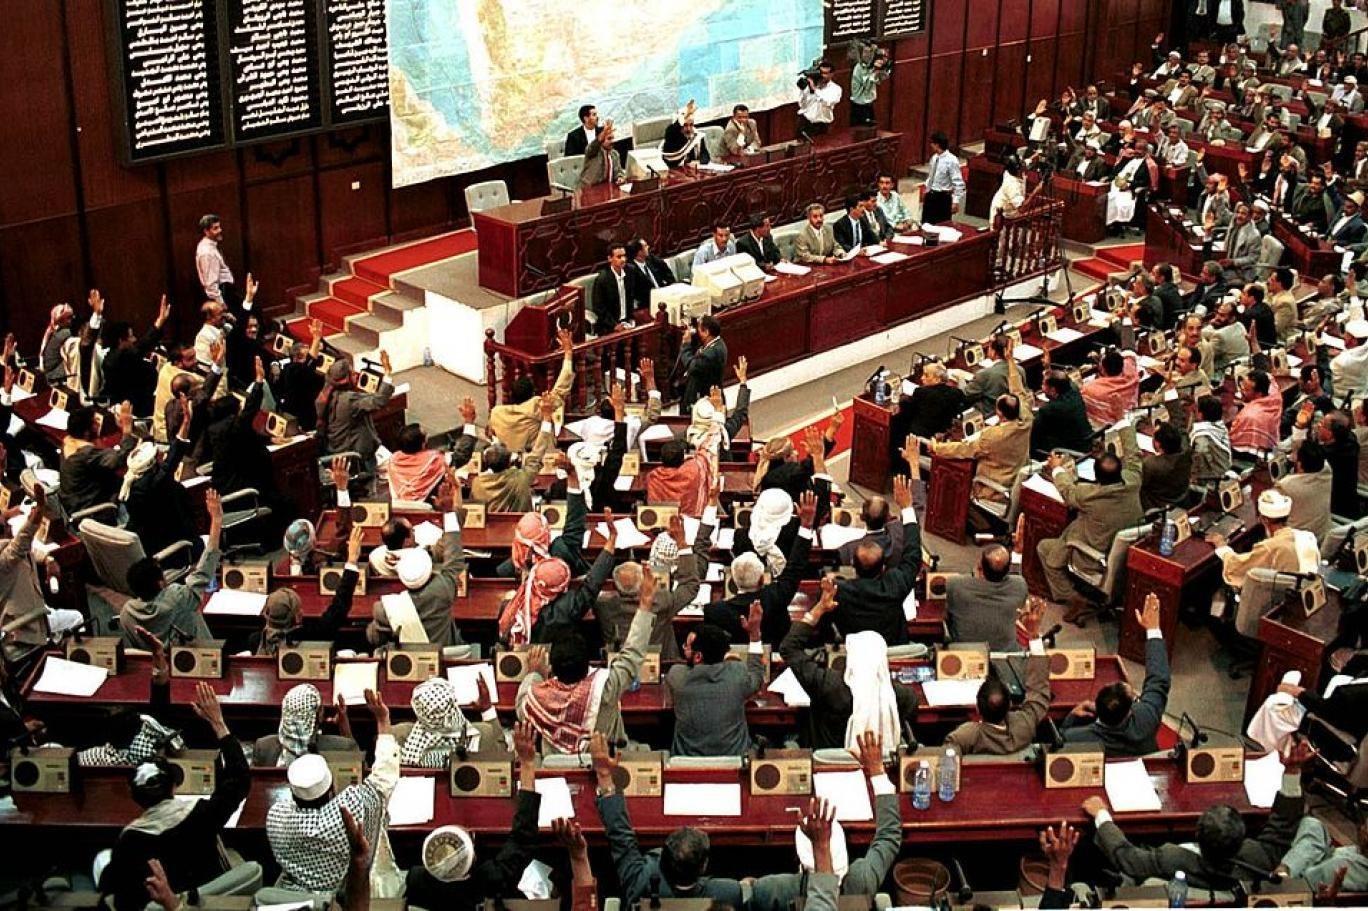 البرلمان اليمني في صنعاء يتابع باهتمام كبير القرارات الأميركية الأخيرة ويرحّب بها